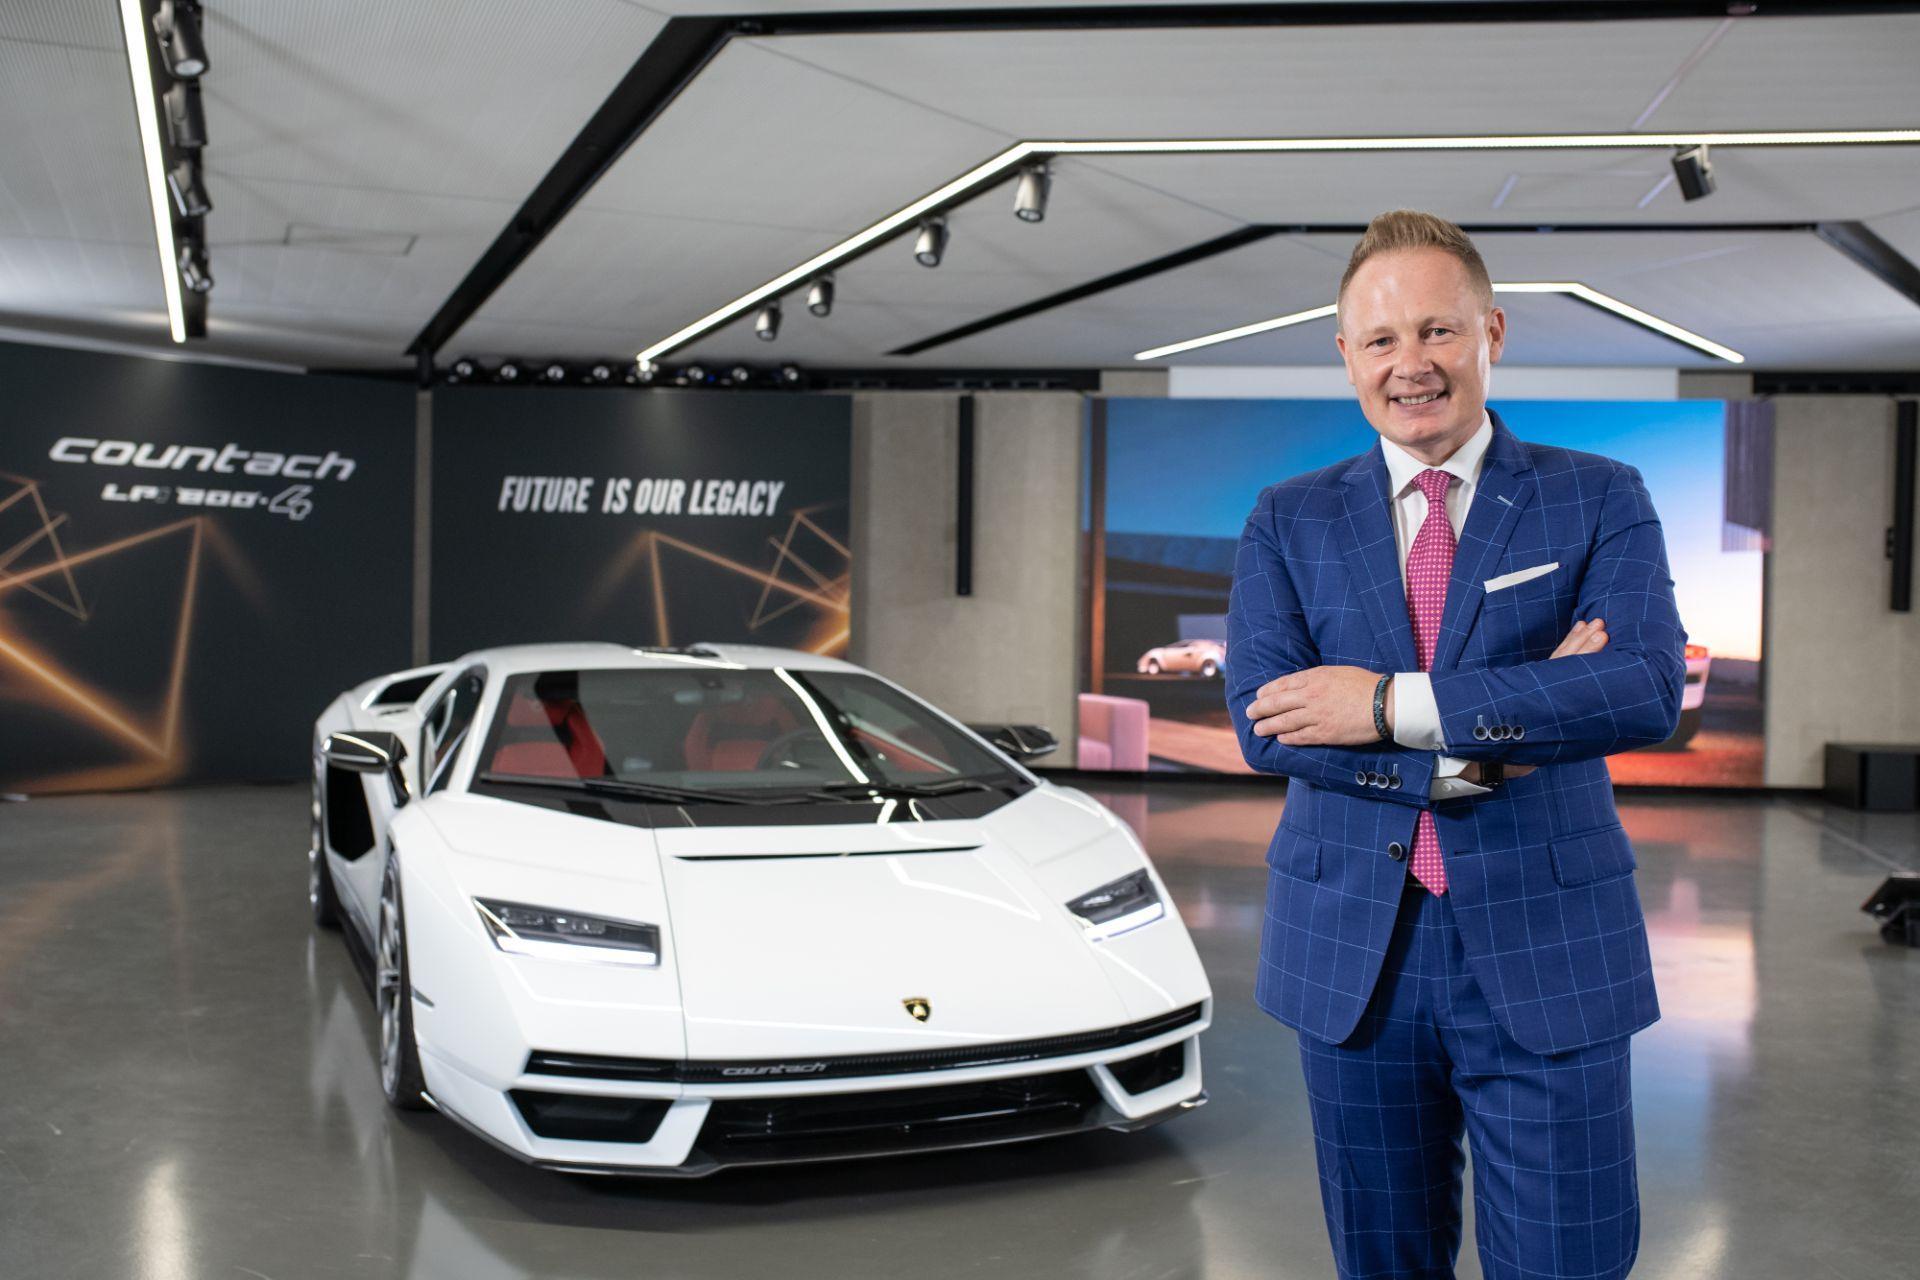 Lamborghini-Countach-LPI-800-4-20